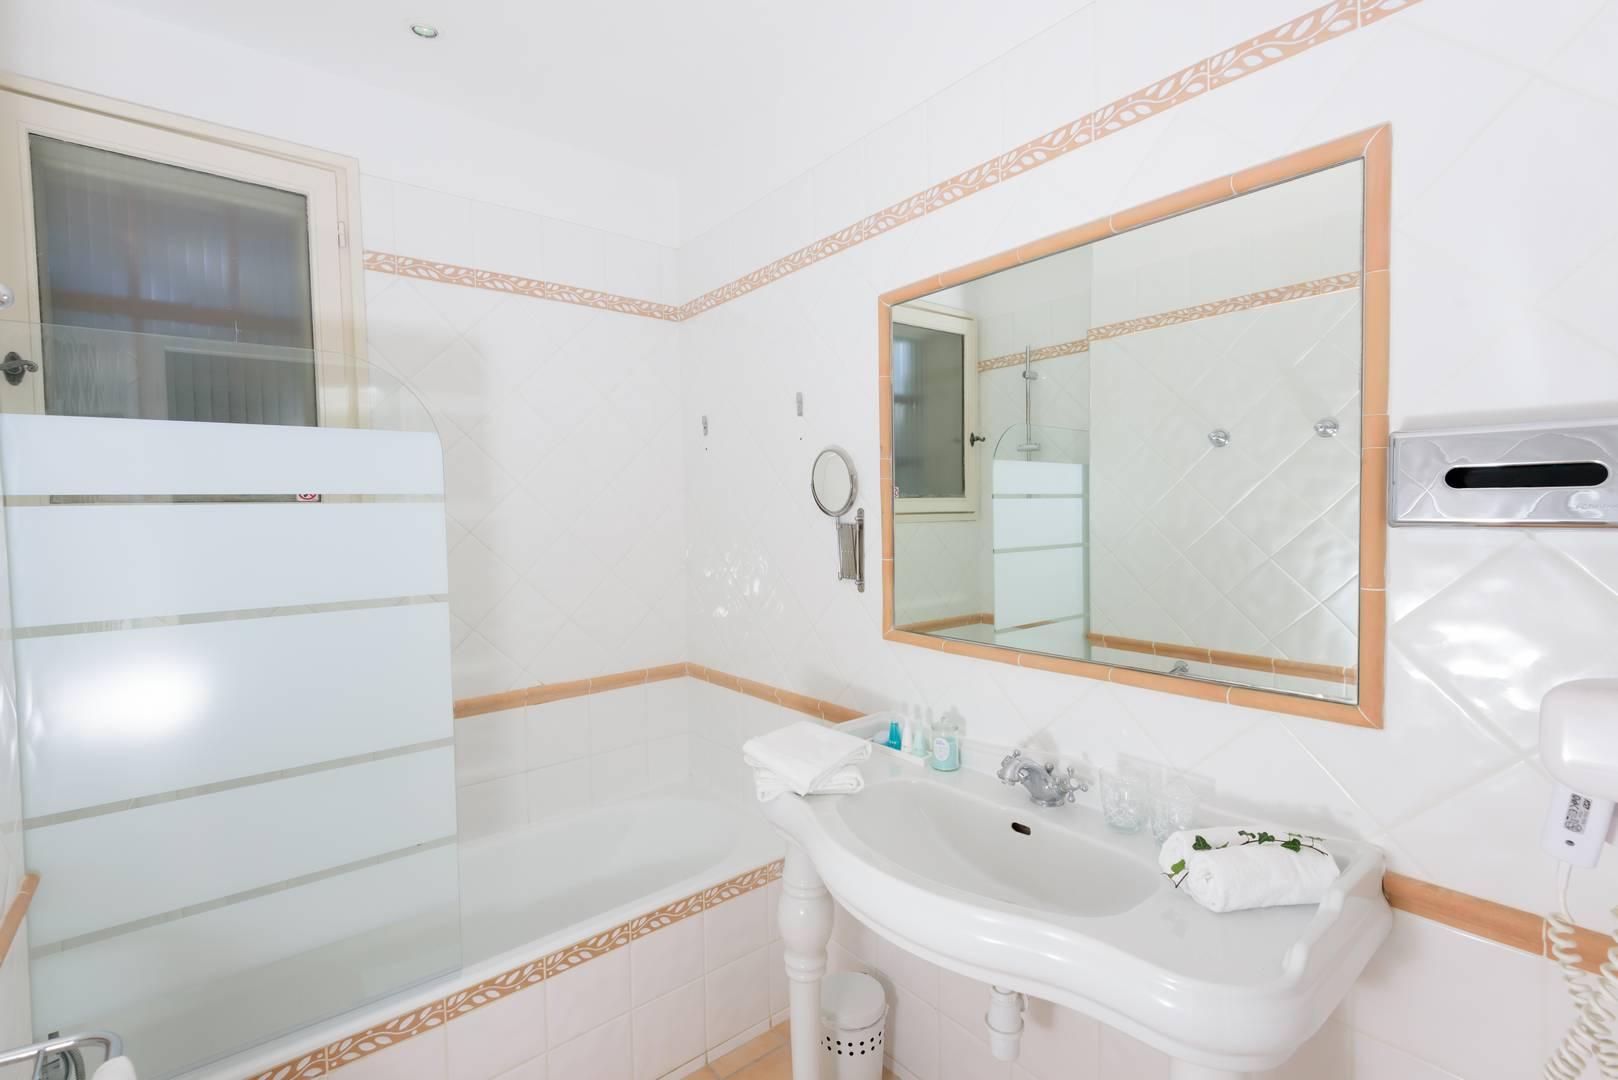 Salle de bain chambre d'hôtel en Provence